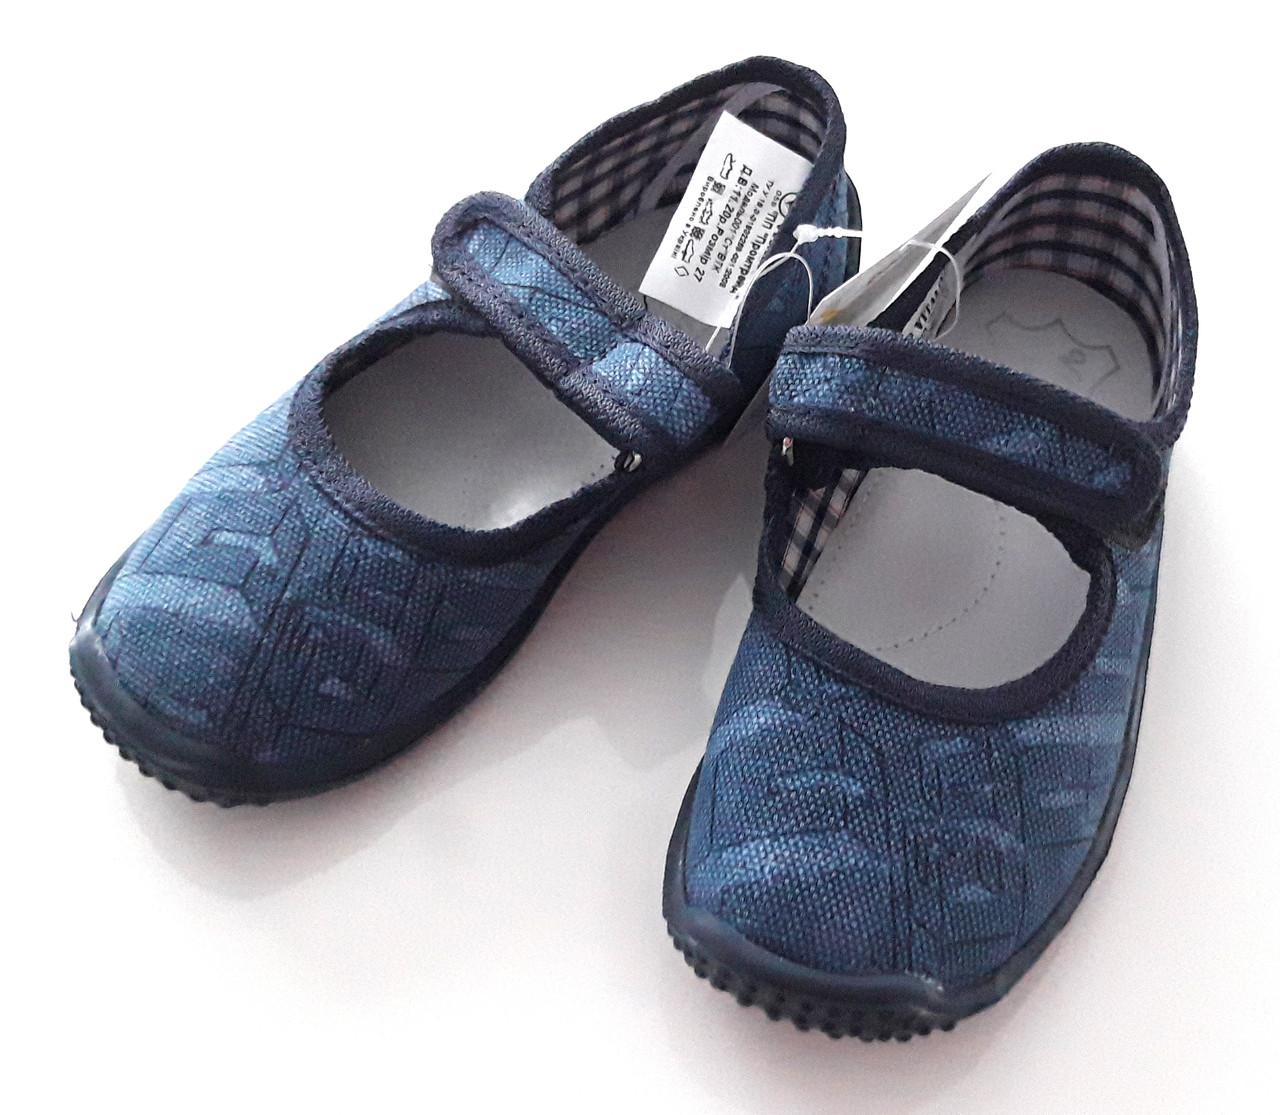 Тапочки детские Виталия стелька с супинатором 23-27, синие